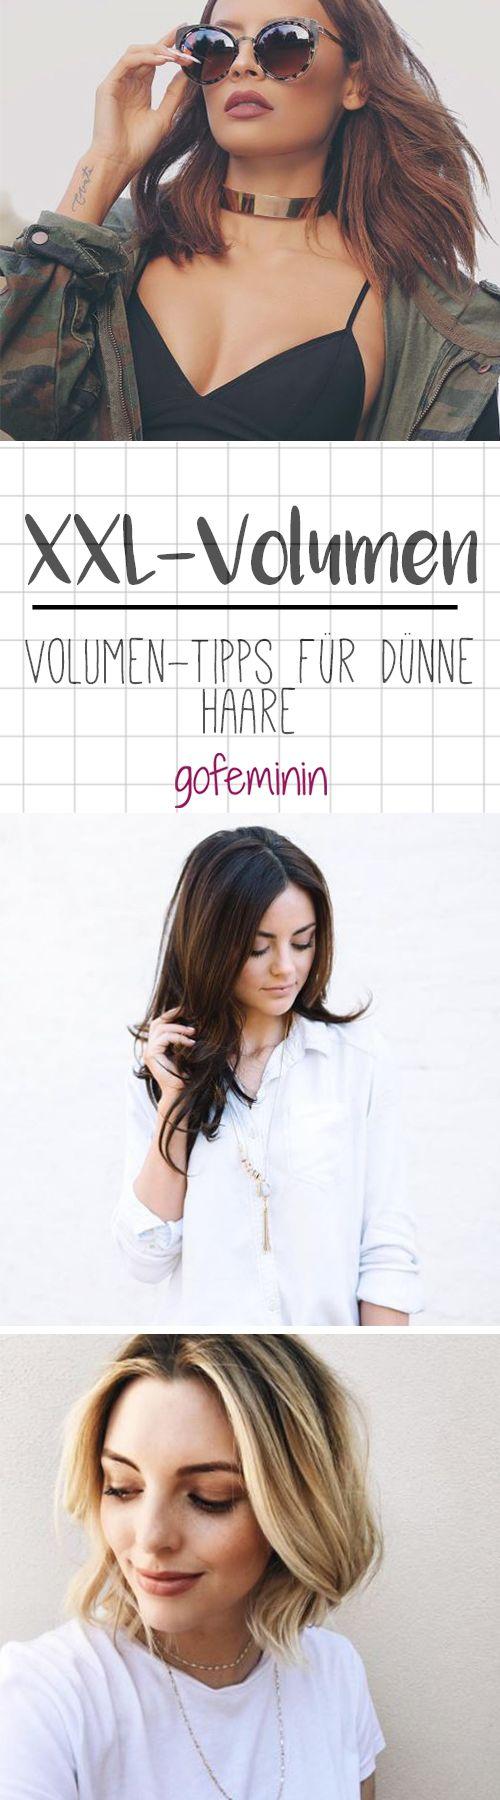 Dünne Haare? Dann probier doch mal diese Tipps & Tricks für XXL-Haare!